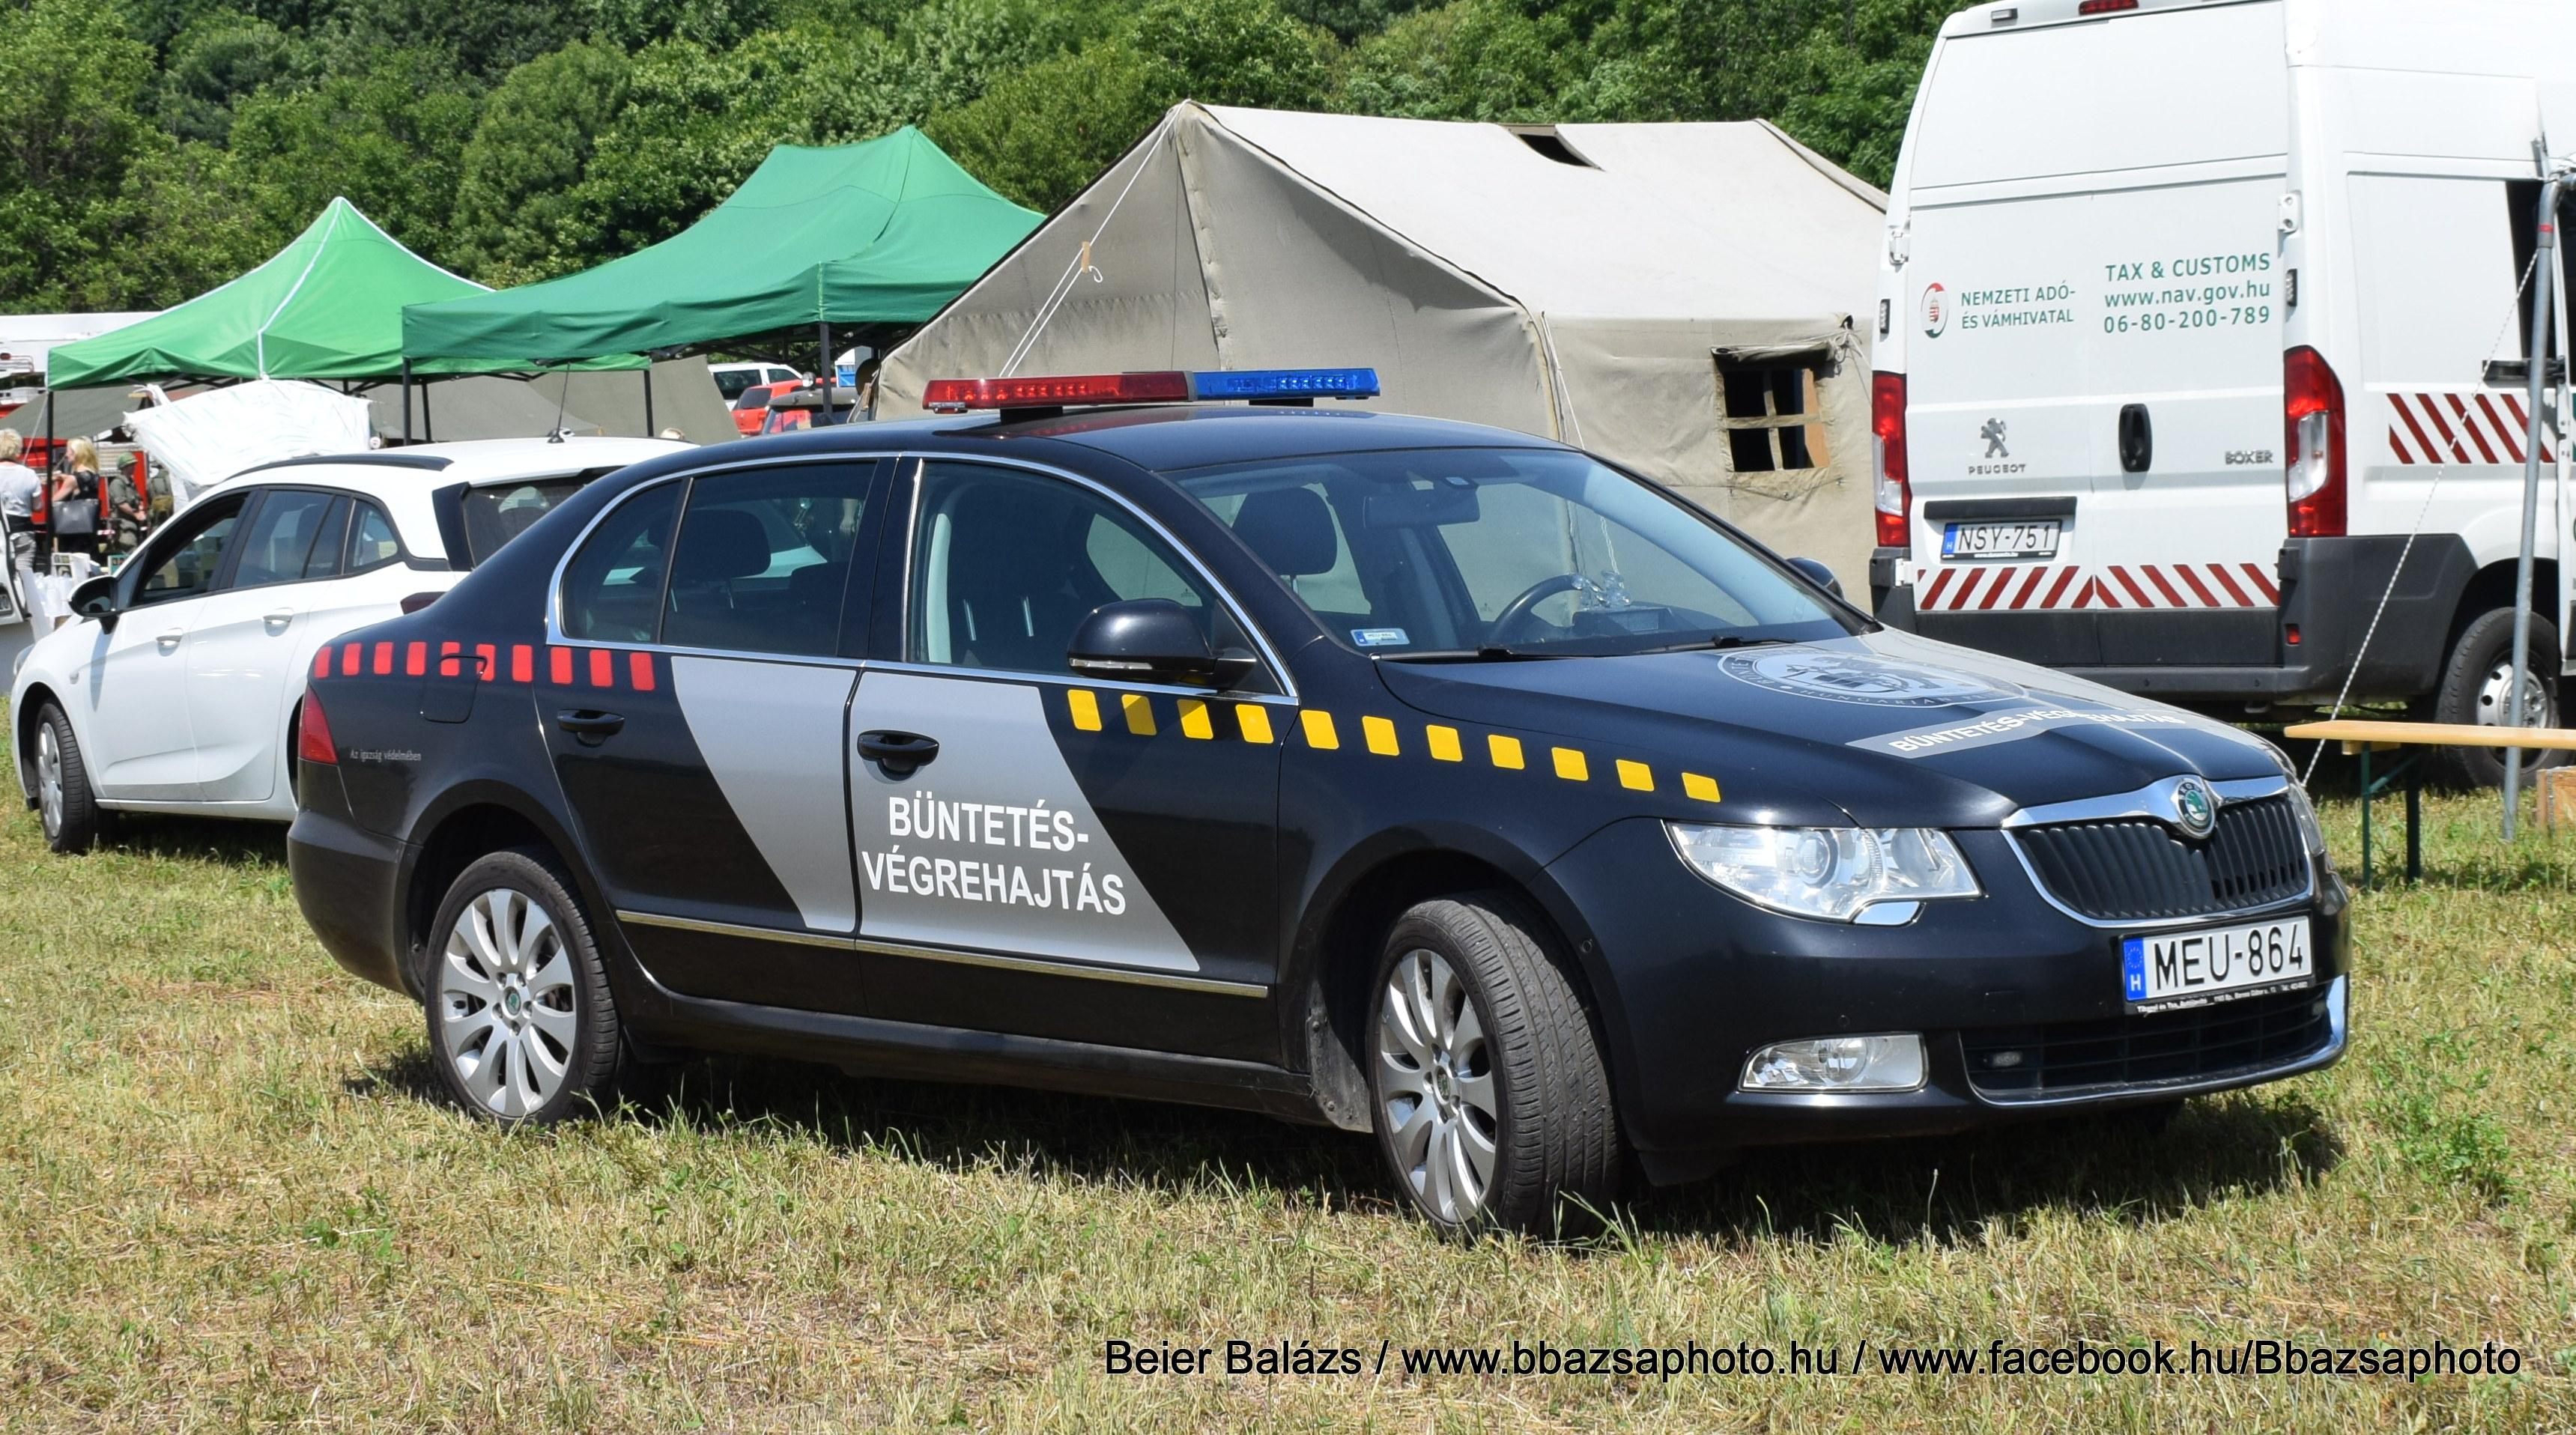 Skoda Superb – Büntetés Végrehajtás